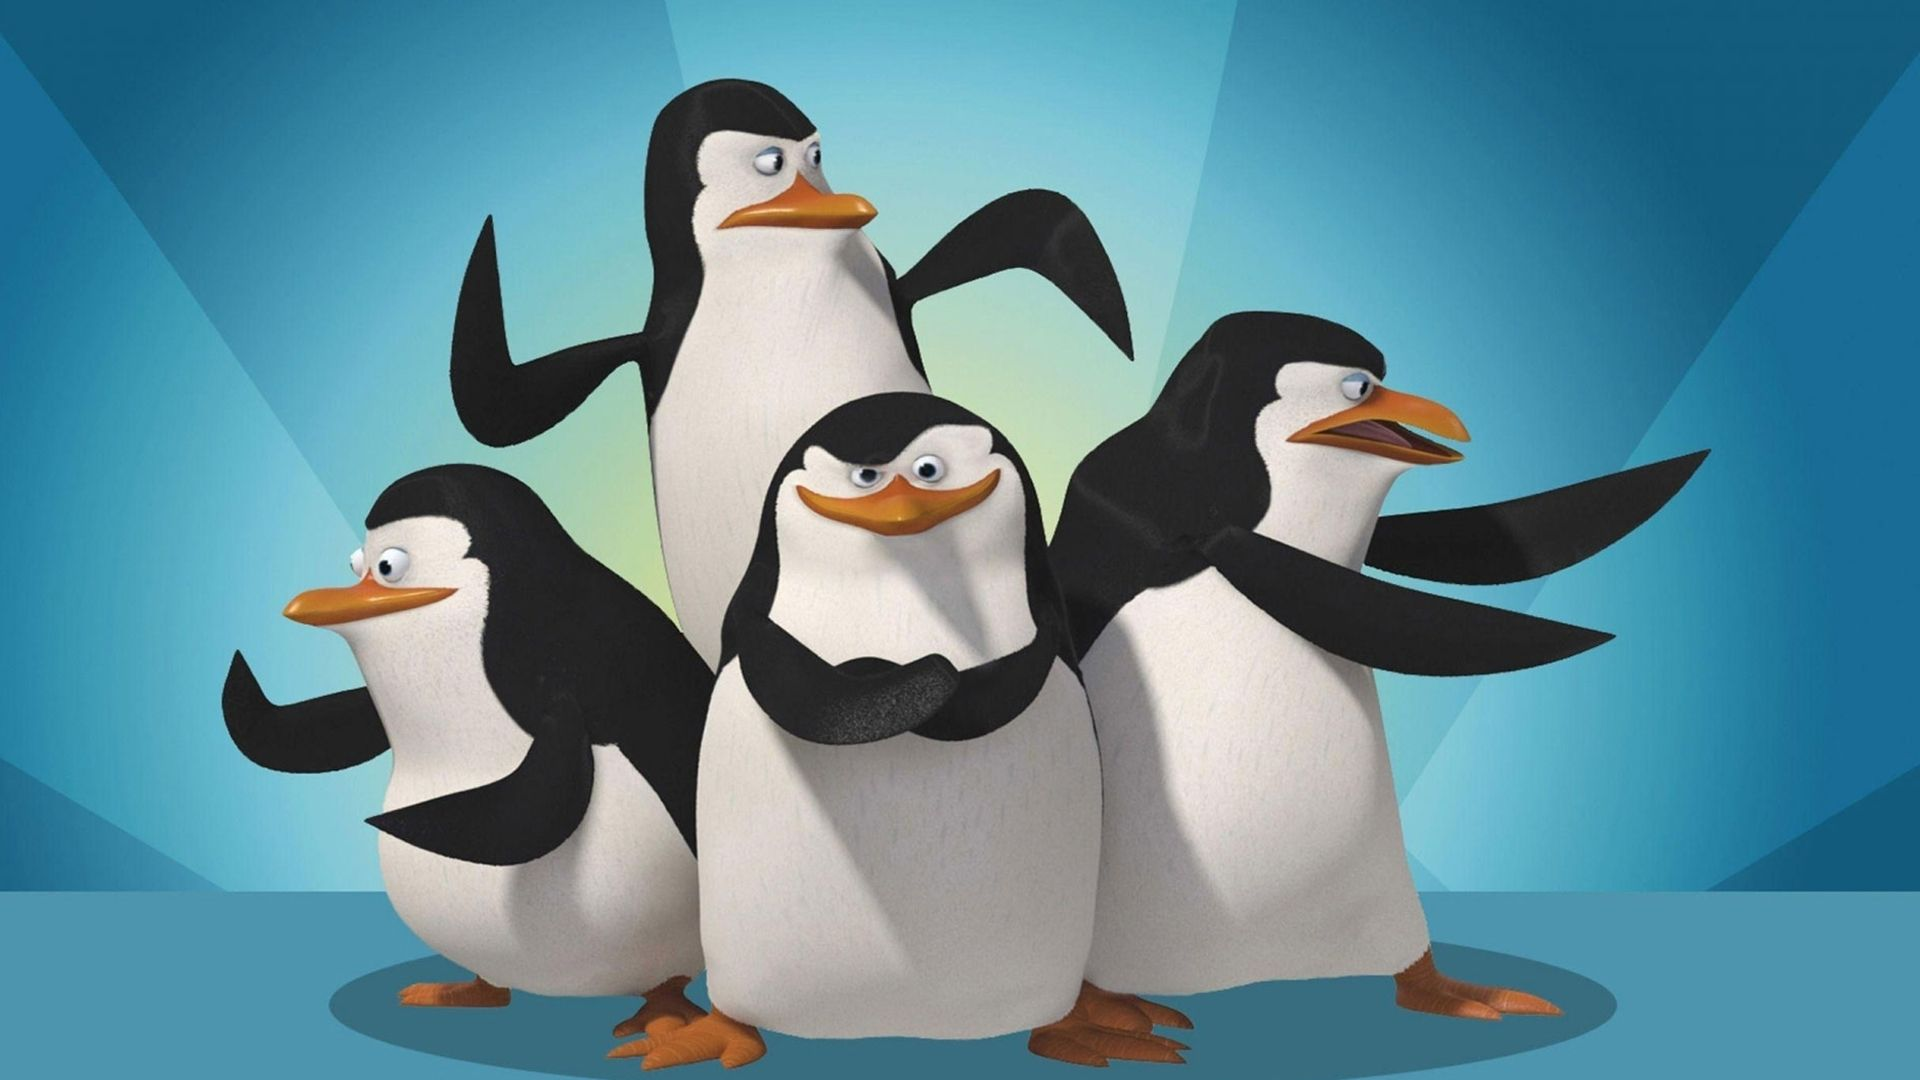 Fondos De Pantallas Los Pingüinos De Madagascar Para Android Ios Gratis Link Descarga Https Ift Tt 2bn Pinguinos De Madagascar Frases De Pingüinos Refranes